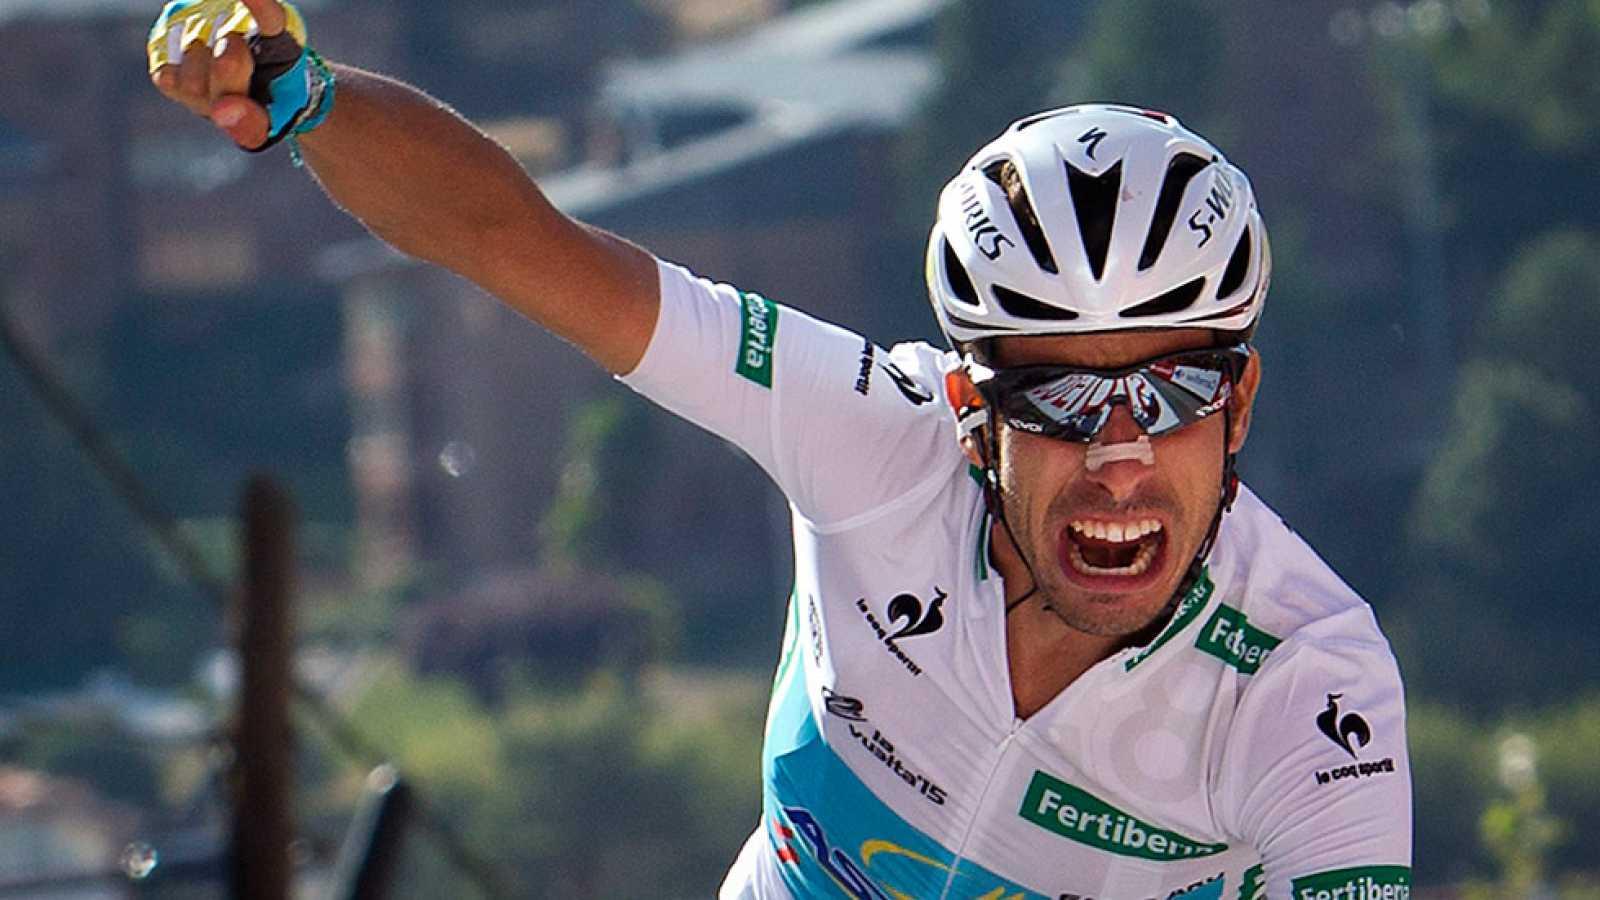 El italiano Fabio Aru ha dado un vuelco a la Vuelta a España con su ataque en La Morcuera, donde ha hundido a Dumoulin, que ha perdido el liderato y se ha quedado fuera del podio. La etapa fue para Rubén Plaza, protagonista de una larga escapada.